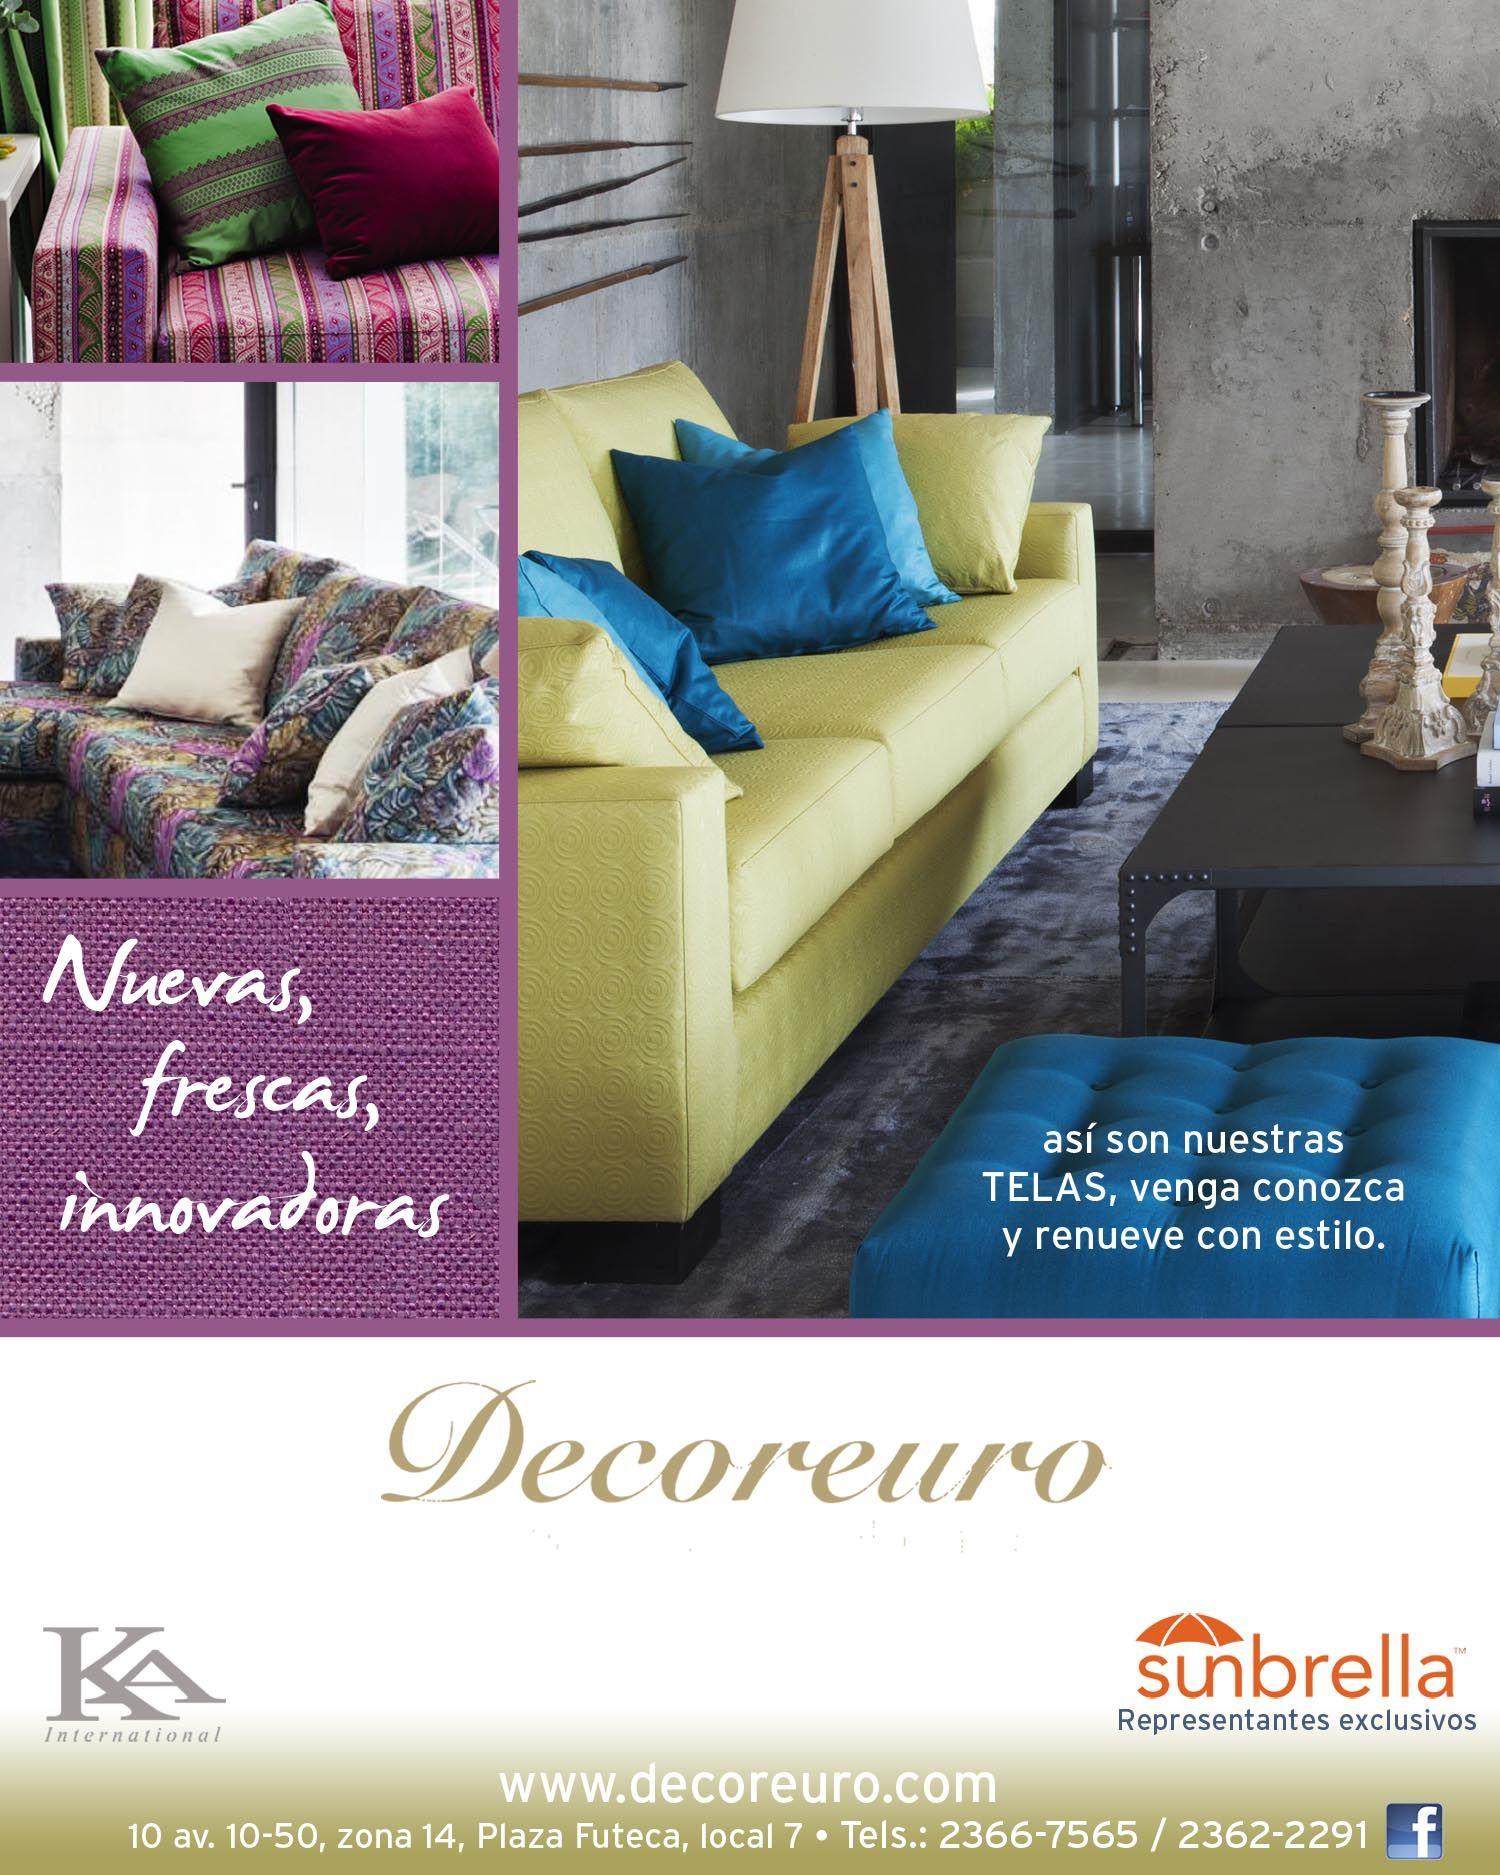 Decoreuro una empresa de guatemala con las marcas ka - Ka internacional cortinas ...